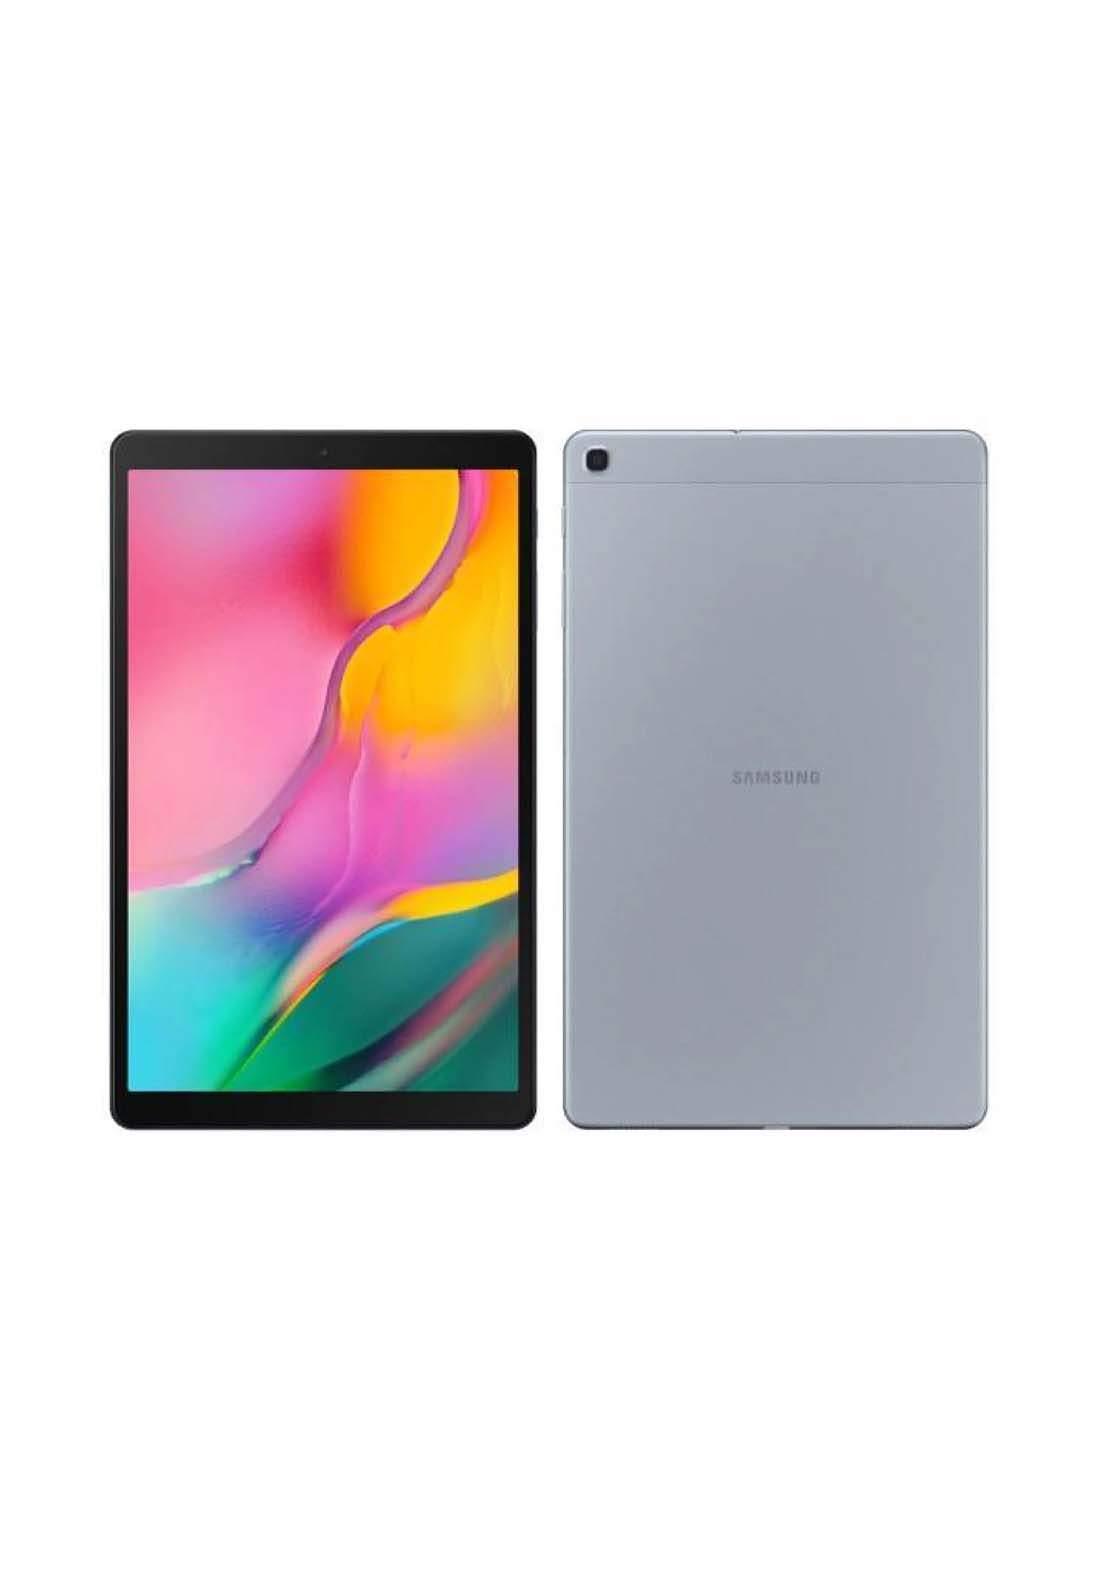 Samsung Galaxy Tab A T510  - Wifi - 2 GB RAM - 32GB - Silver